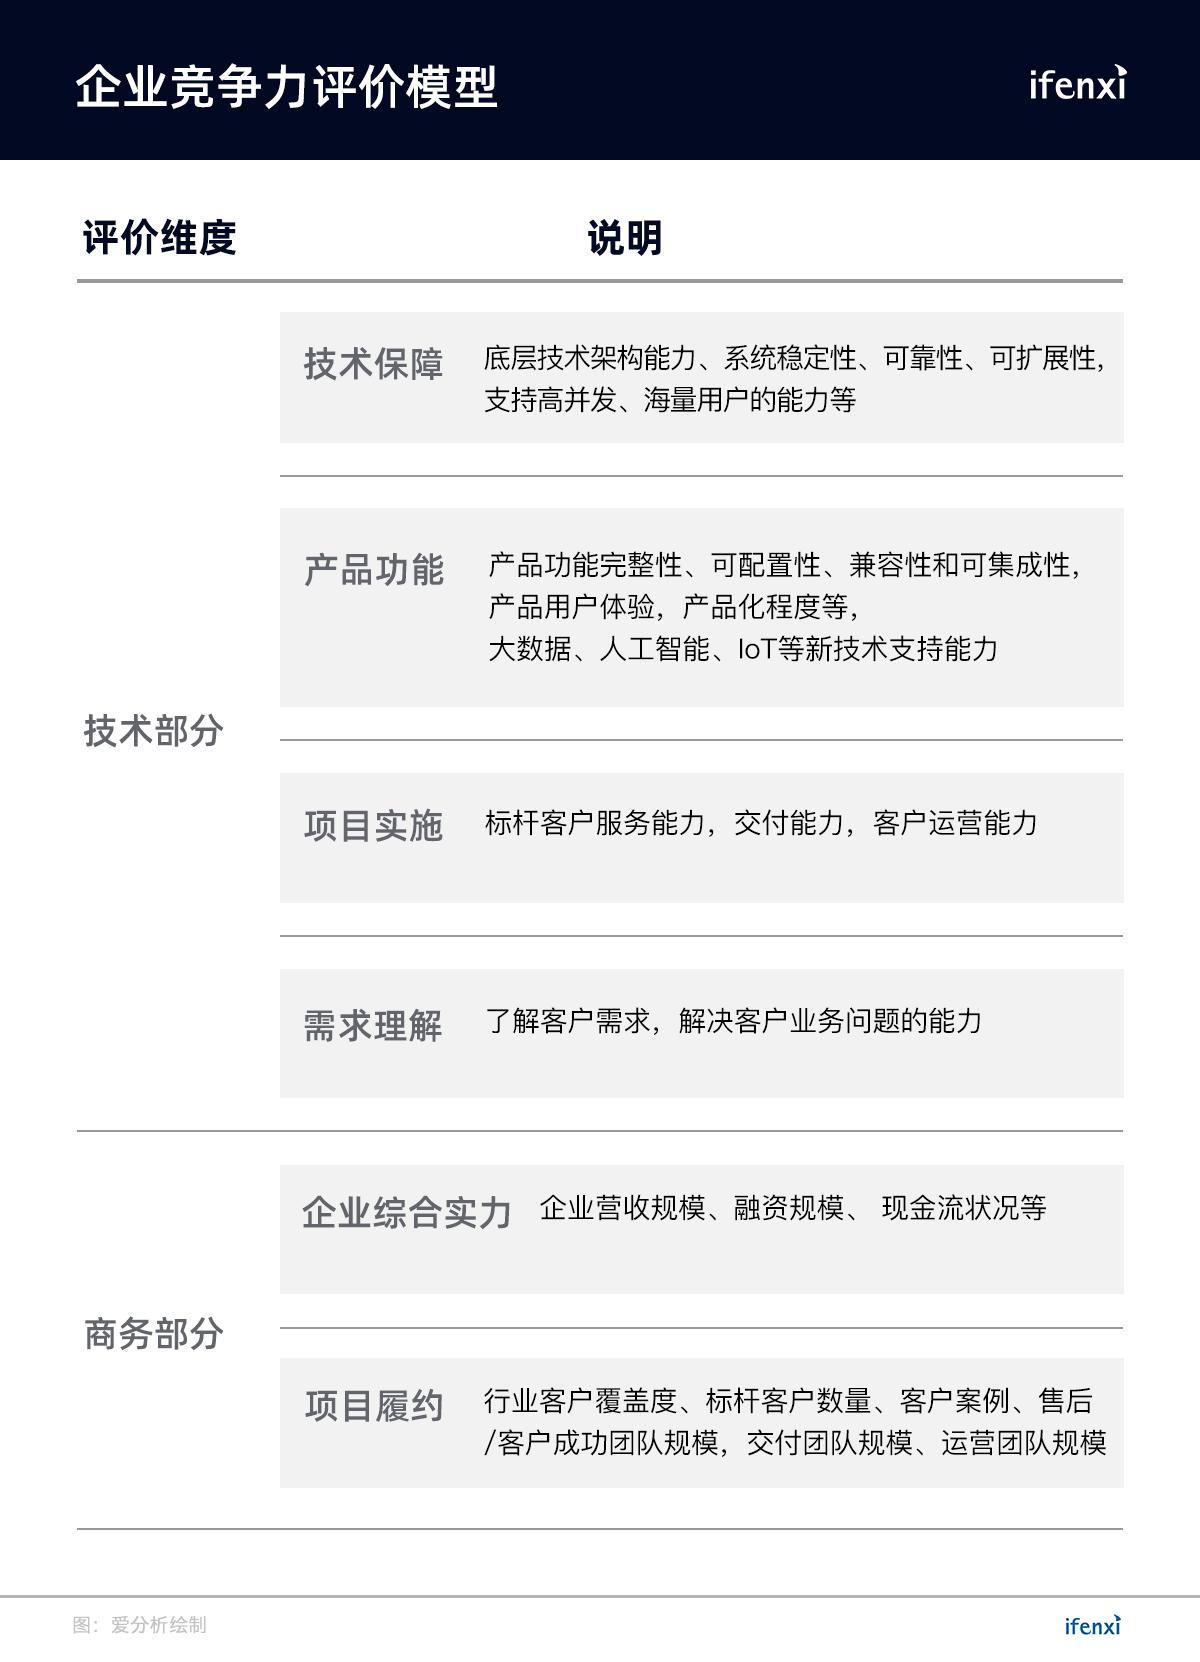 首份AI服务商榜单发布,TOP50厂商助力产业智能化 | 重磅榜单-爱分析ifenxi